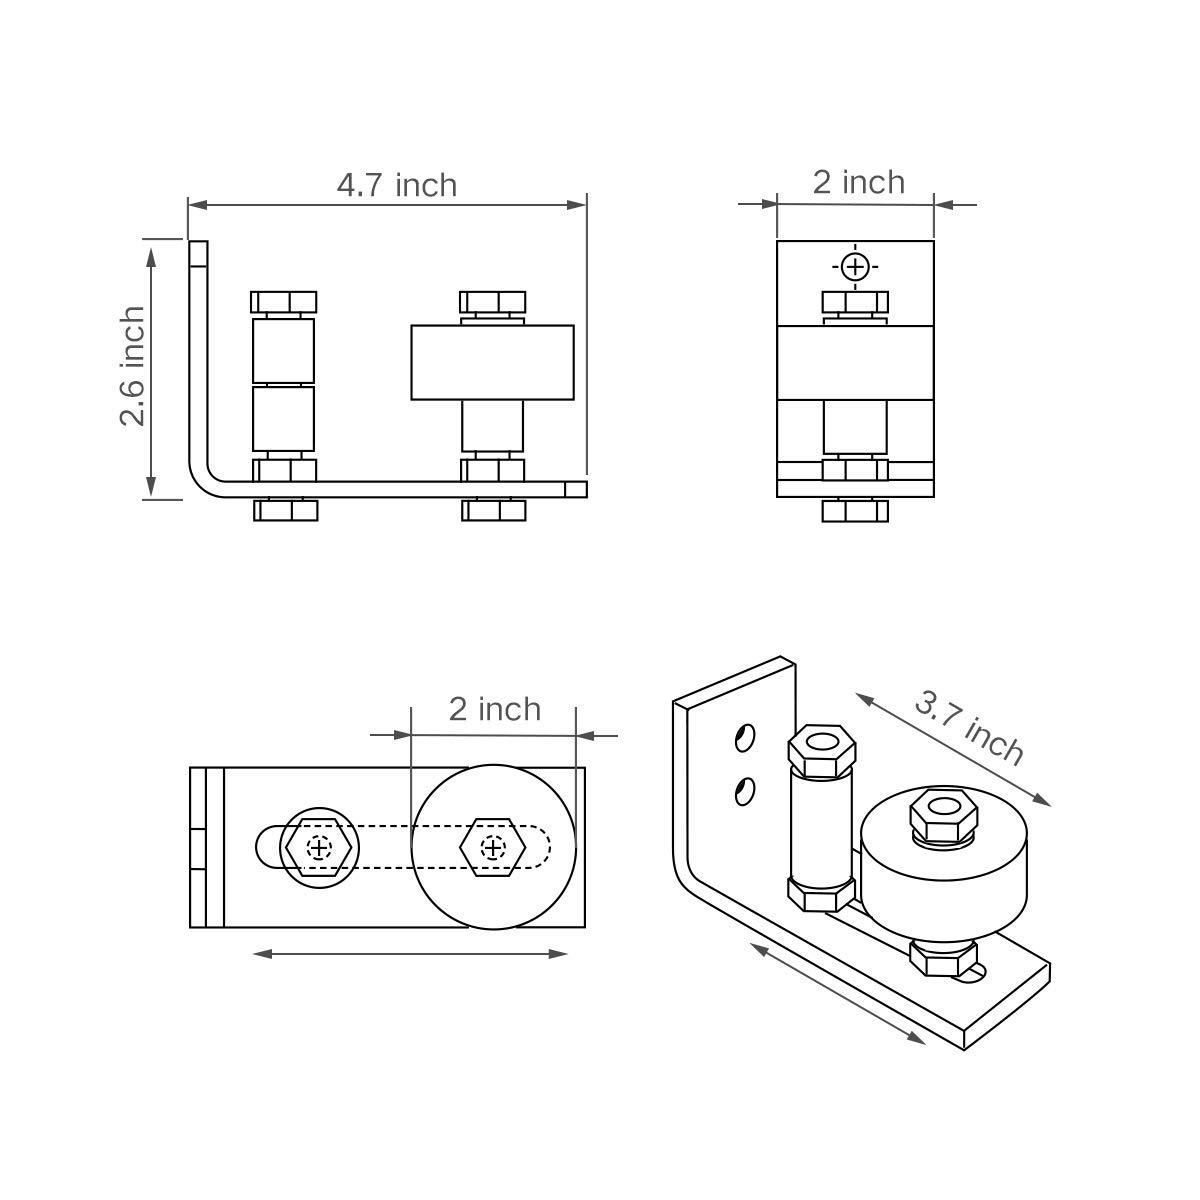 Flachkopfschraube Innen6kant u Bund ISO 7380-2 010.9 St gal zn get M 5x16-500 Stk